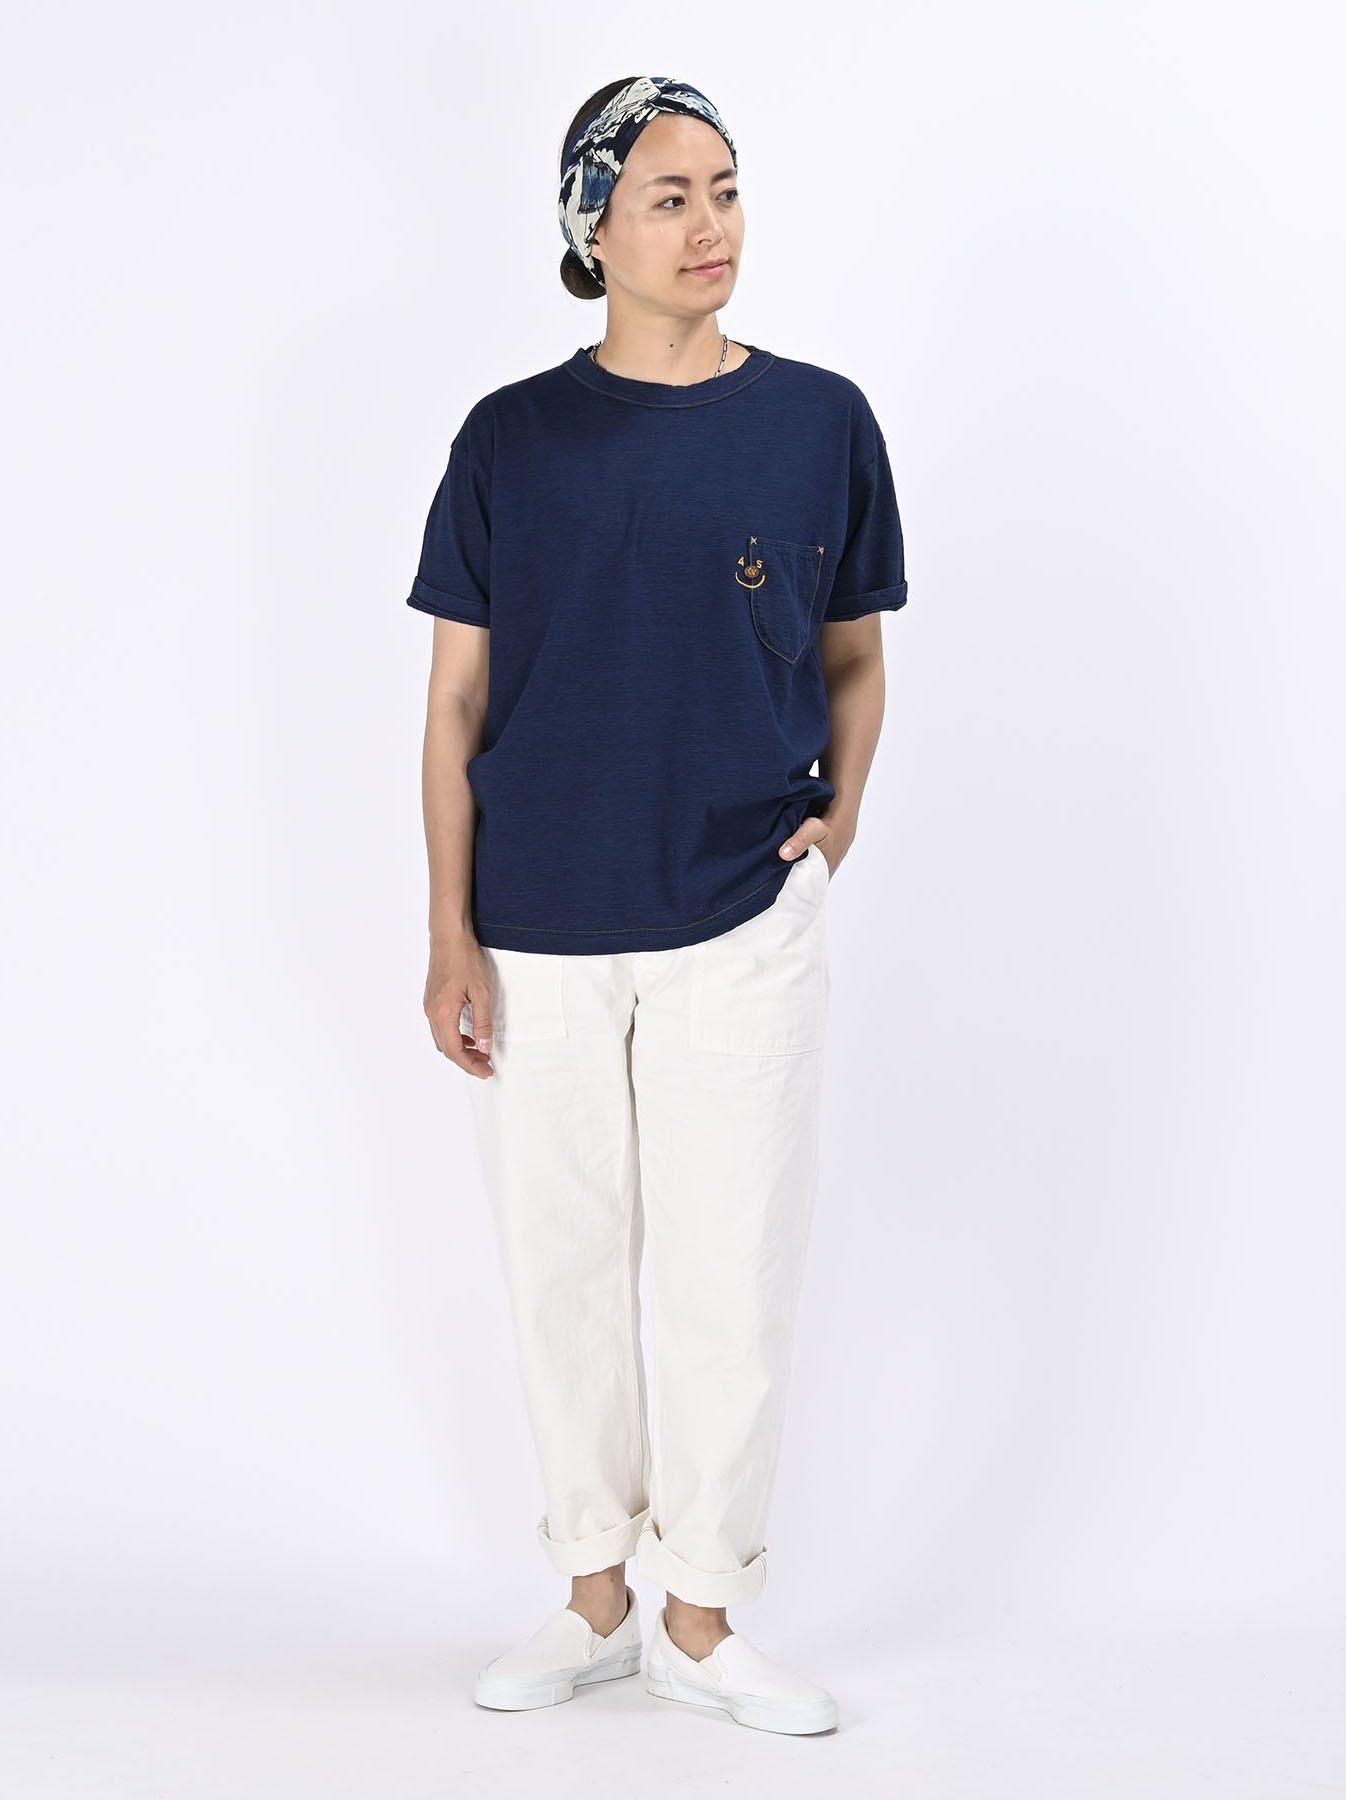 Indigo Smile R Embroidery 908 Ocean T-shirt (0621)-2